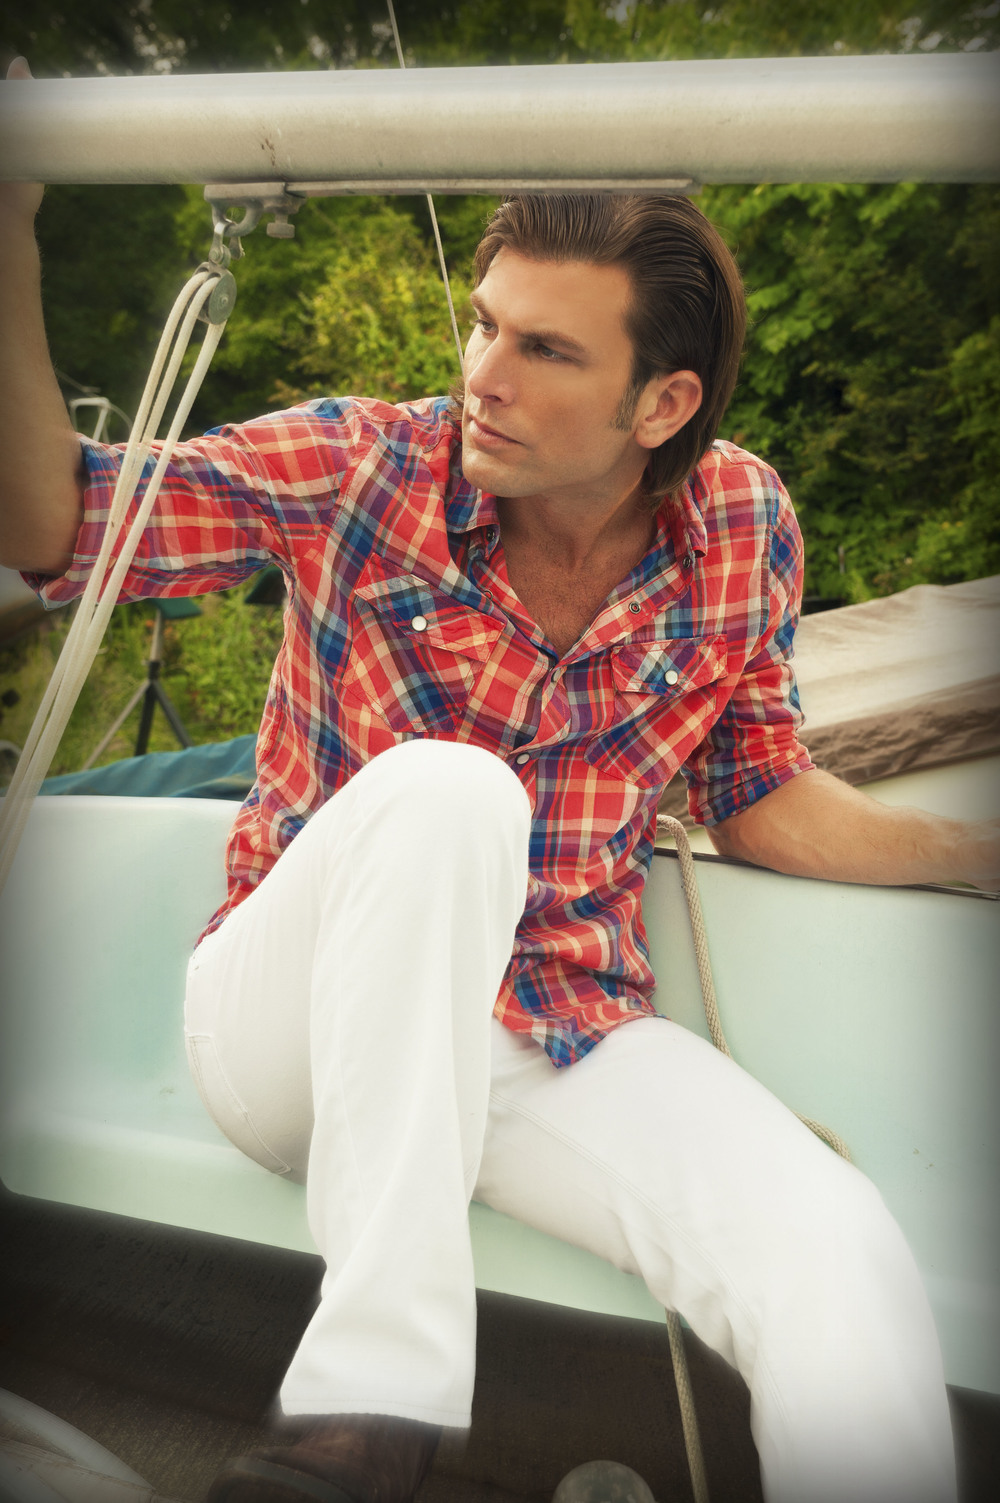 Paul_Gibson_Modeling_Portfolio10-15-12_2.jpg